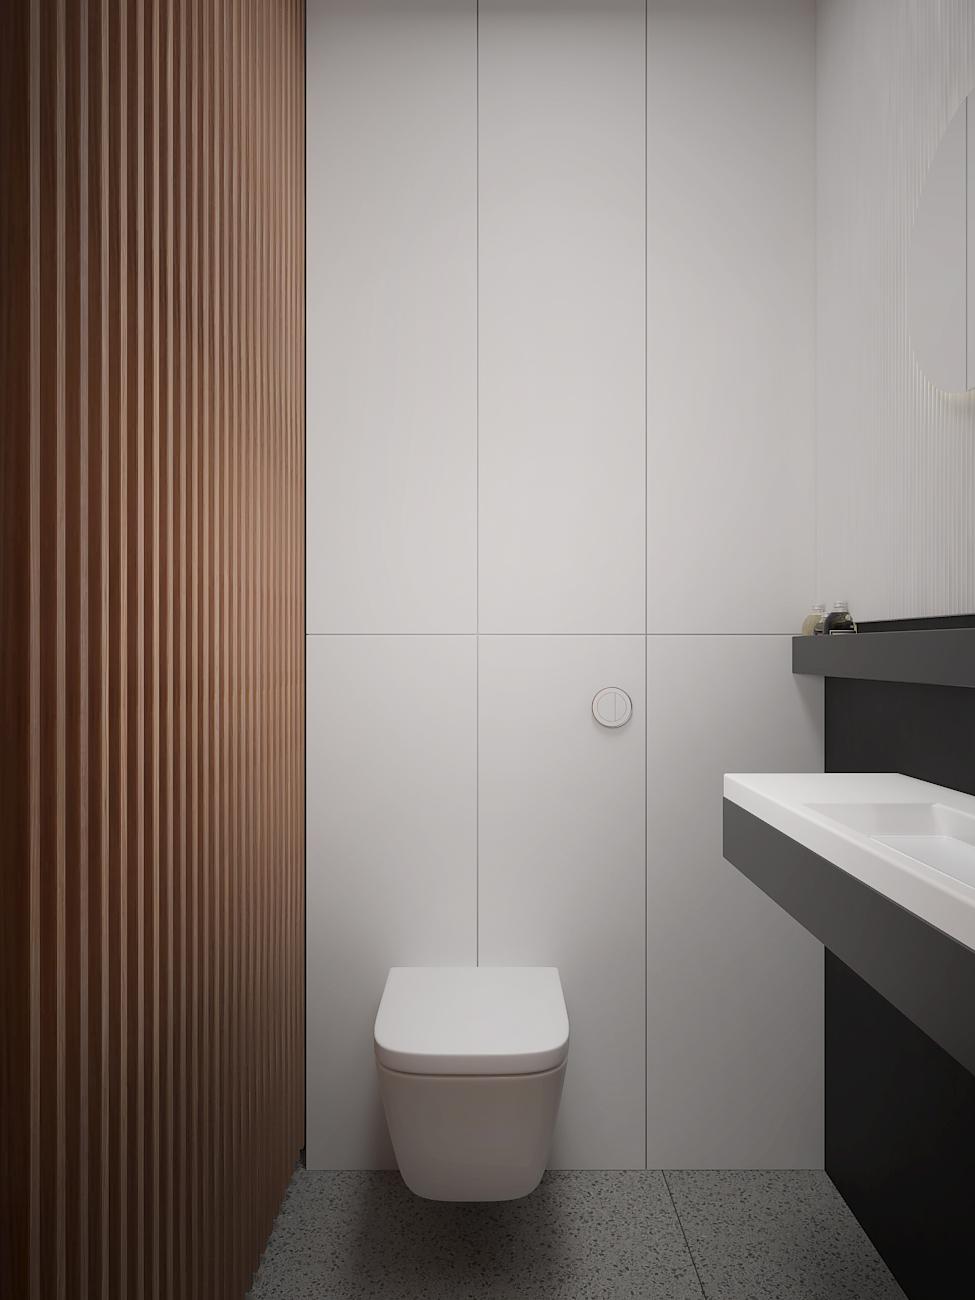 17 aranzacja wnetrza M563 mieszkanie katowice toaleta lamele na scienia biala zabudowa za miska wc